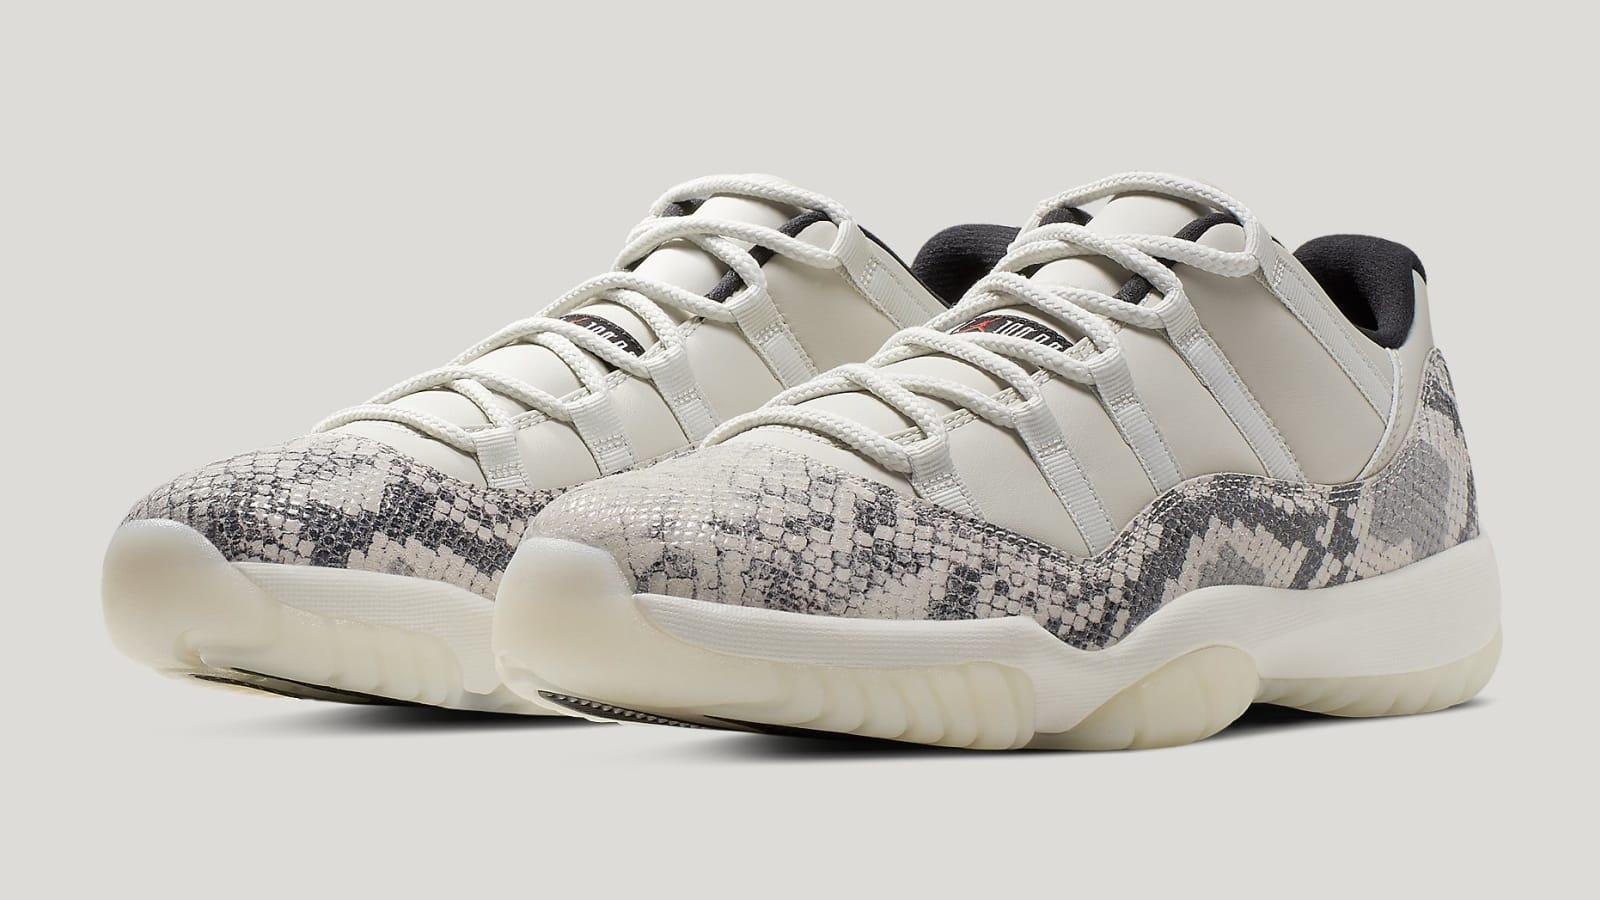 huge discount 24953 5b80d Image via Nike. Air Jordan 11 XI Low ...